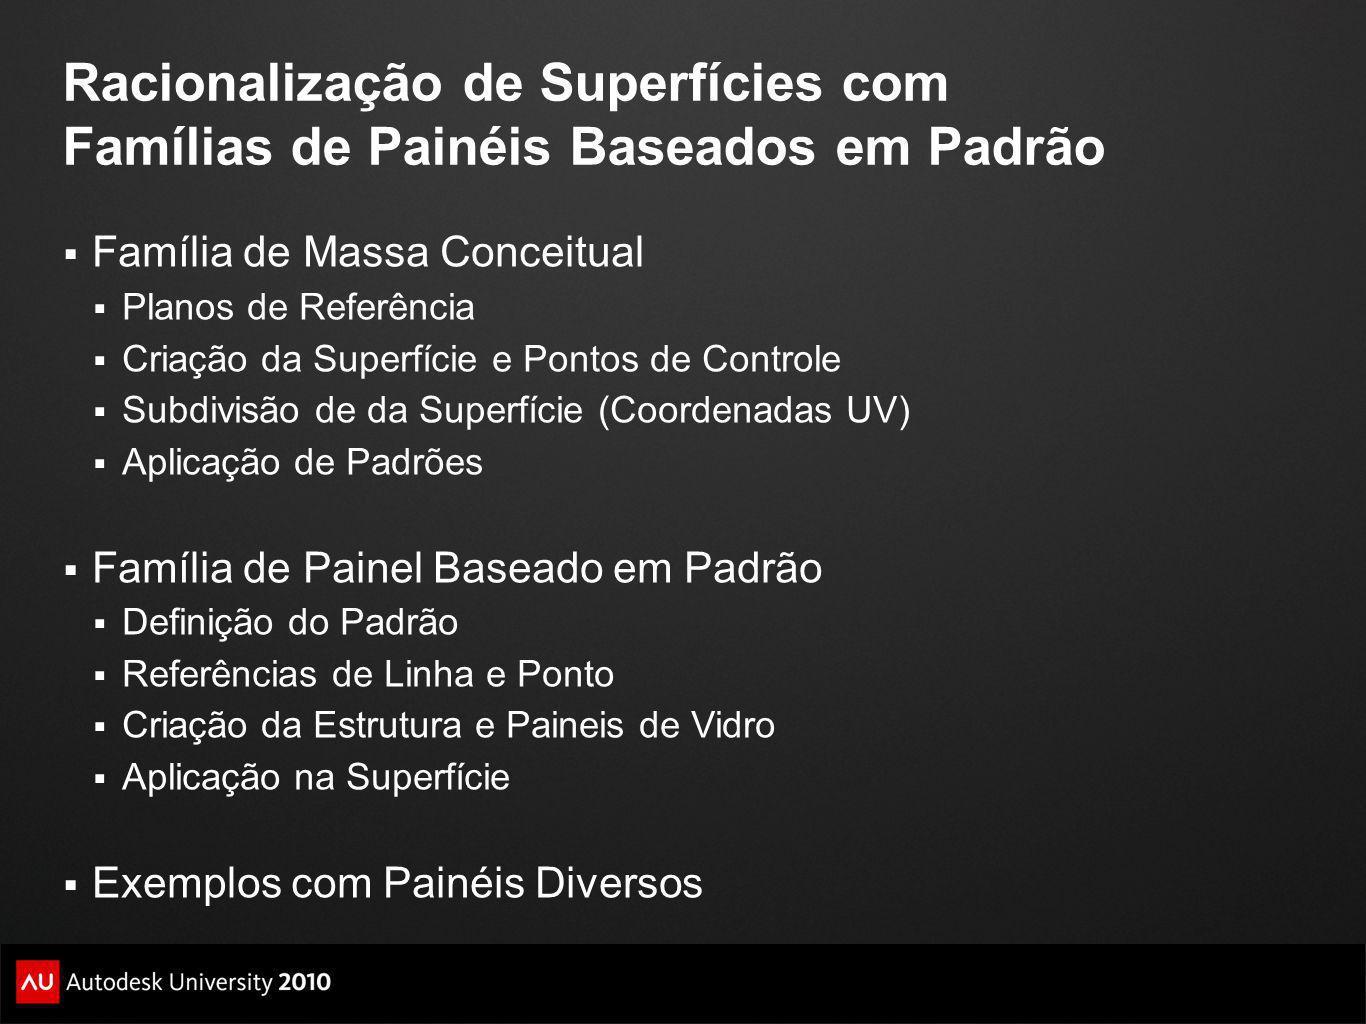 10/19/10 Racionalização de Superfícies com Famílias de Painéis Baseados em Padrão. Família de Massa Conceitual.